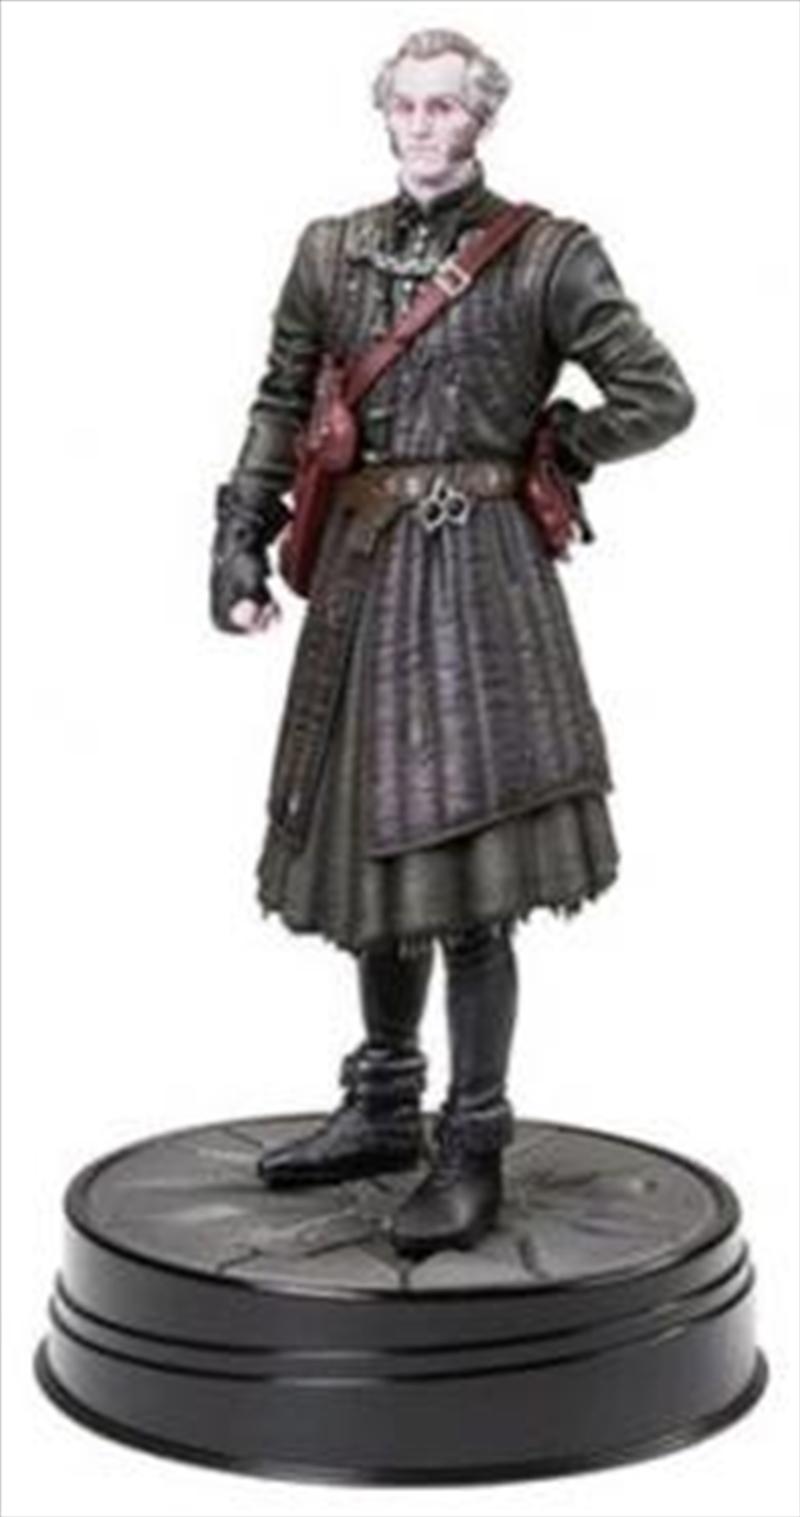 The Witcher 3 - Regis Vampire Deluxe Figure | Merchandise